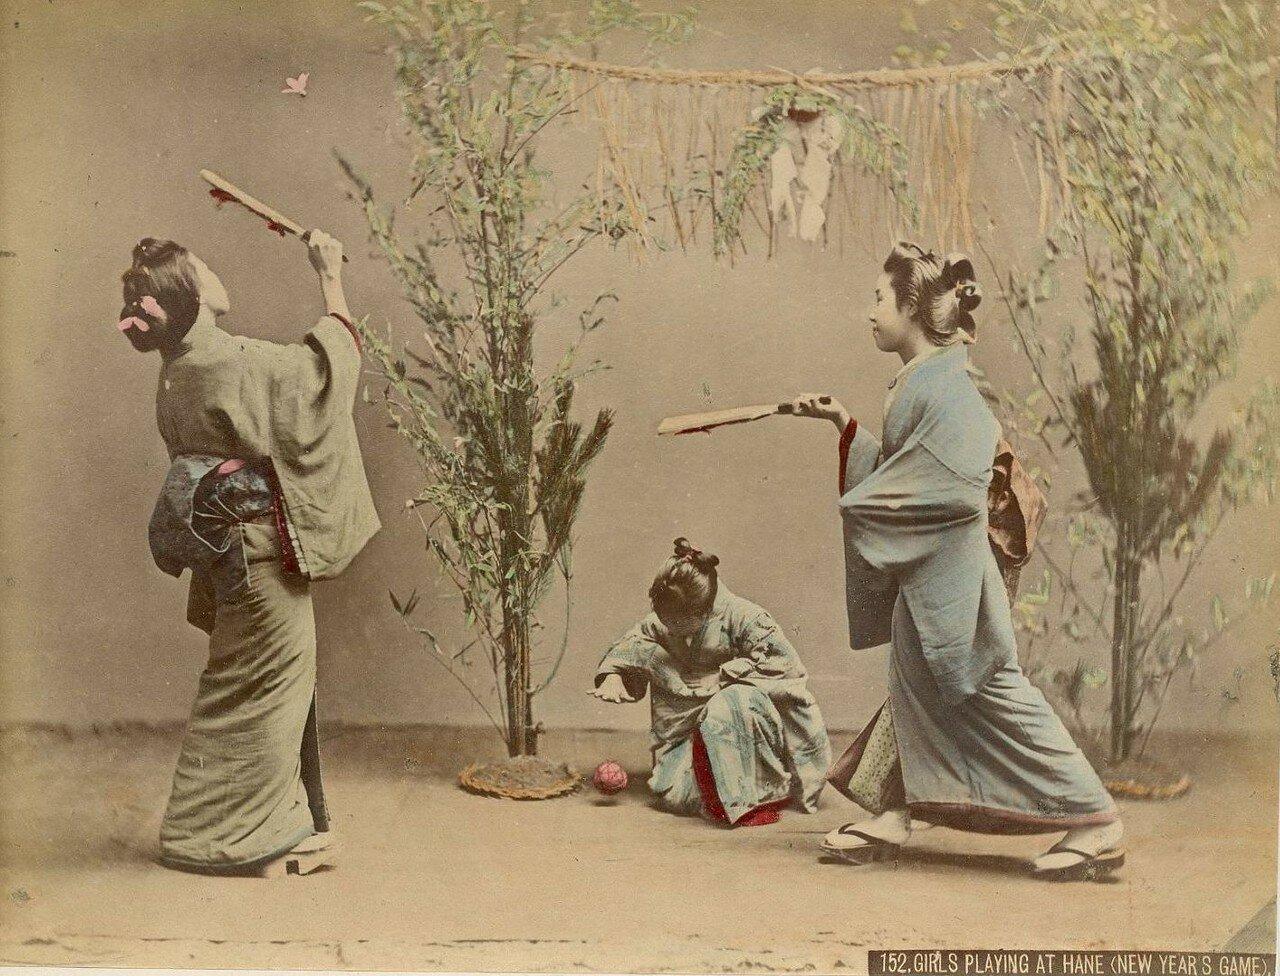 Девушки играют в хане (новогодняя игра)